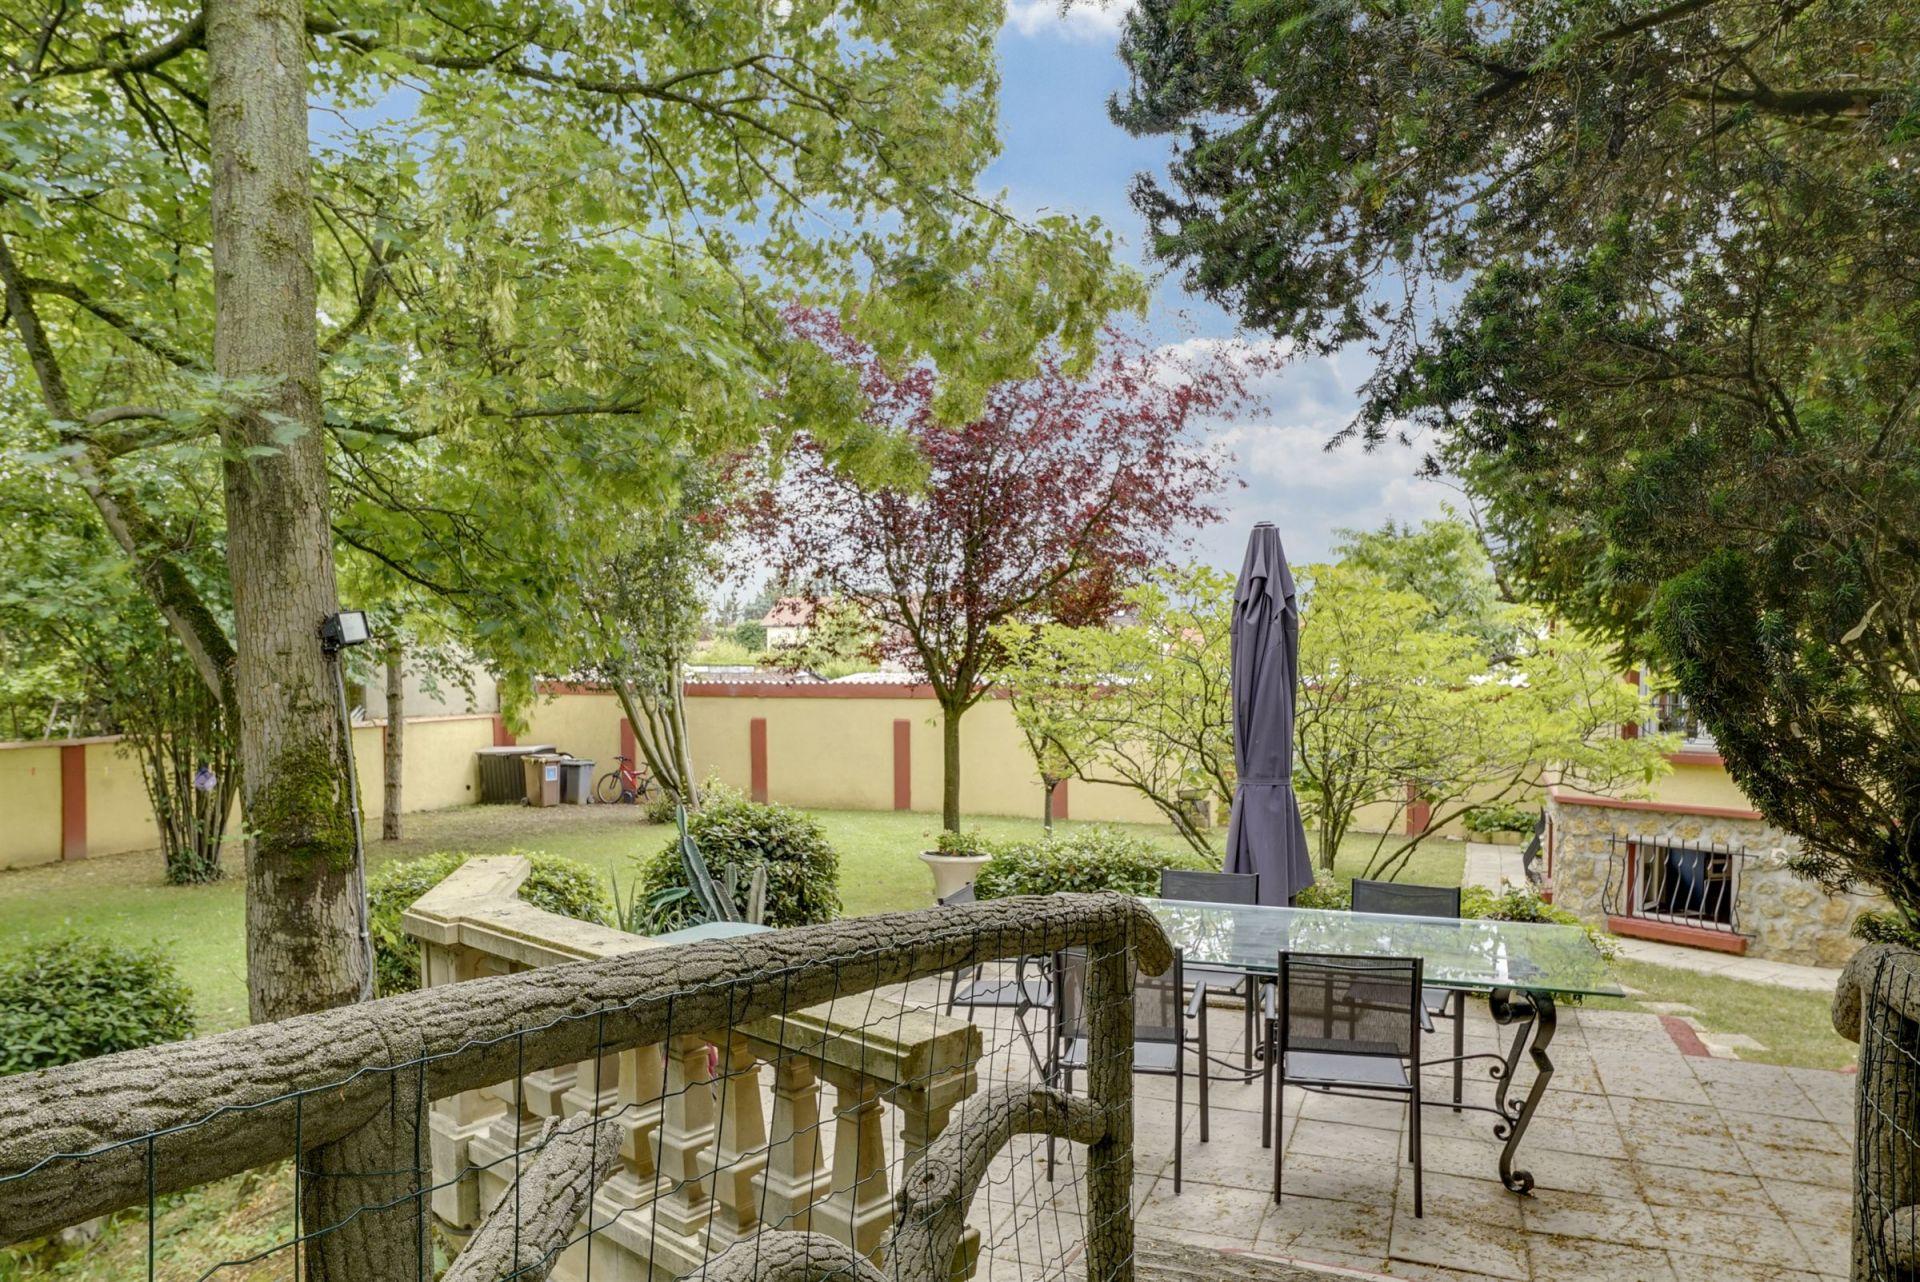 Vente Maison De Luxe Draveil (91210) 200 M² intérieur Maison A Vendre Draveil Paris Jardin